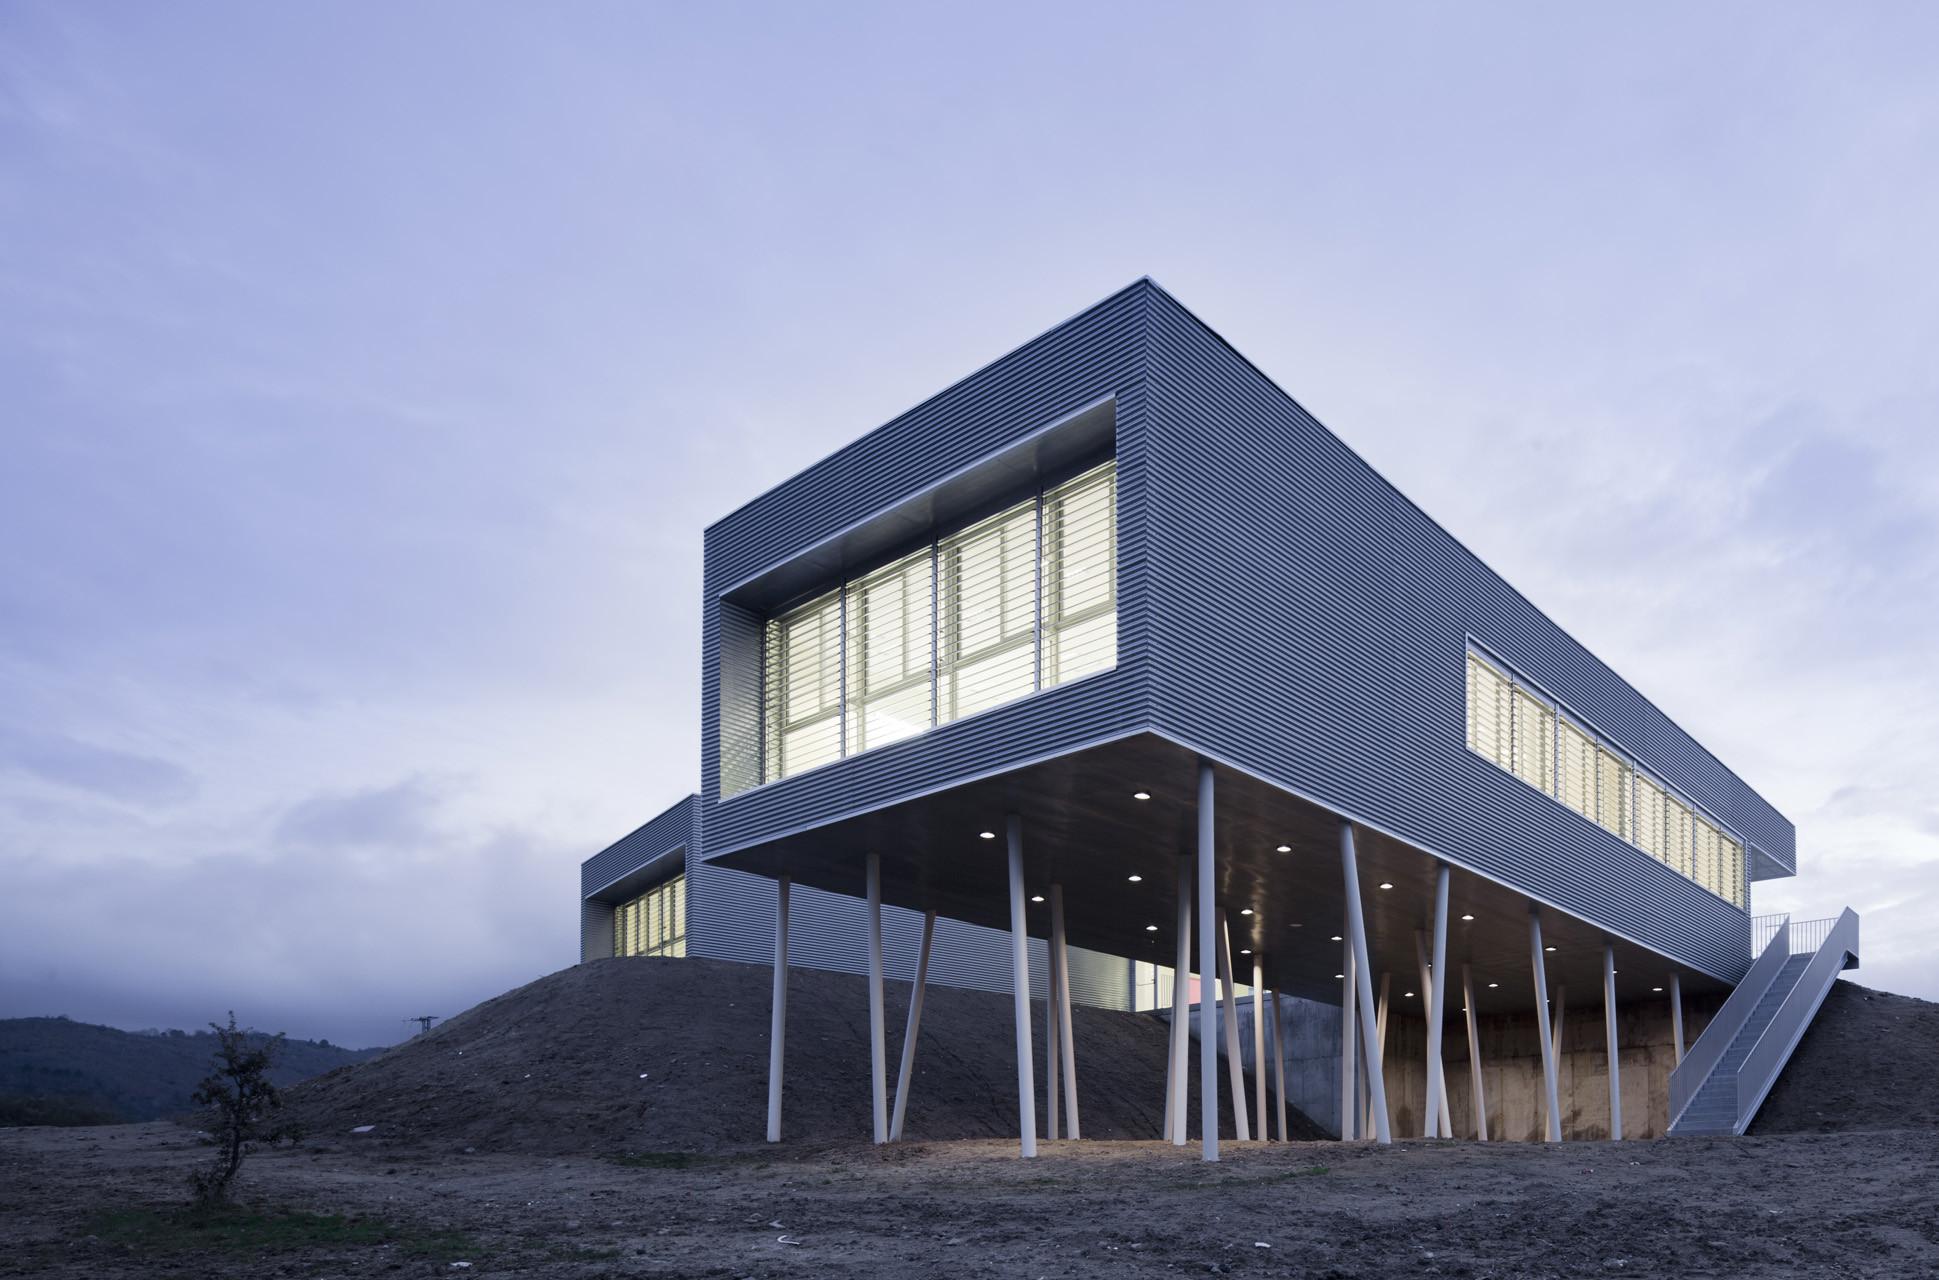 Mirador School / BmasC Arquitectos, © Miguel de Guzmán